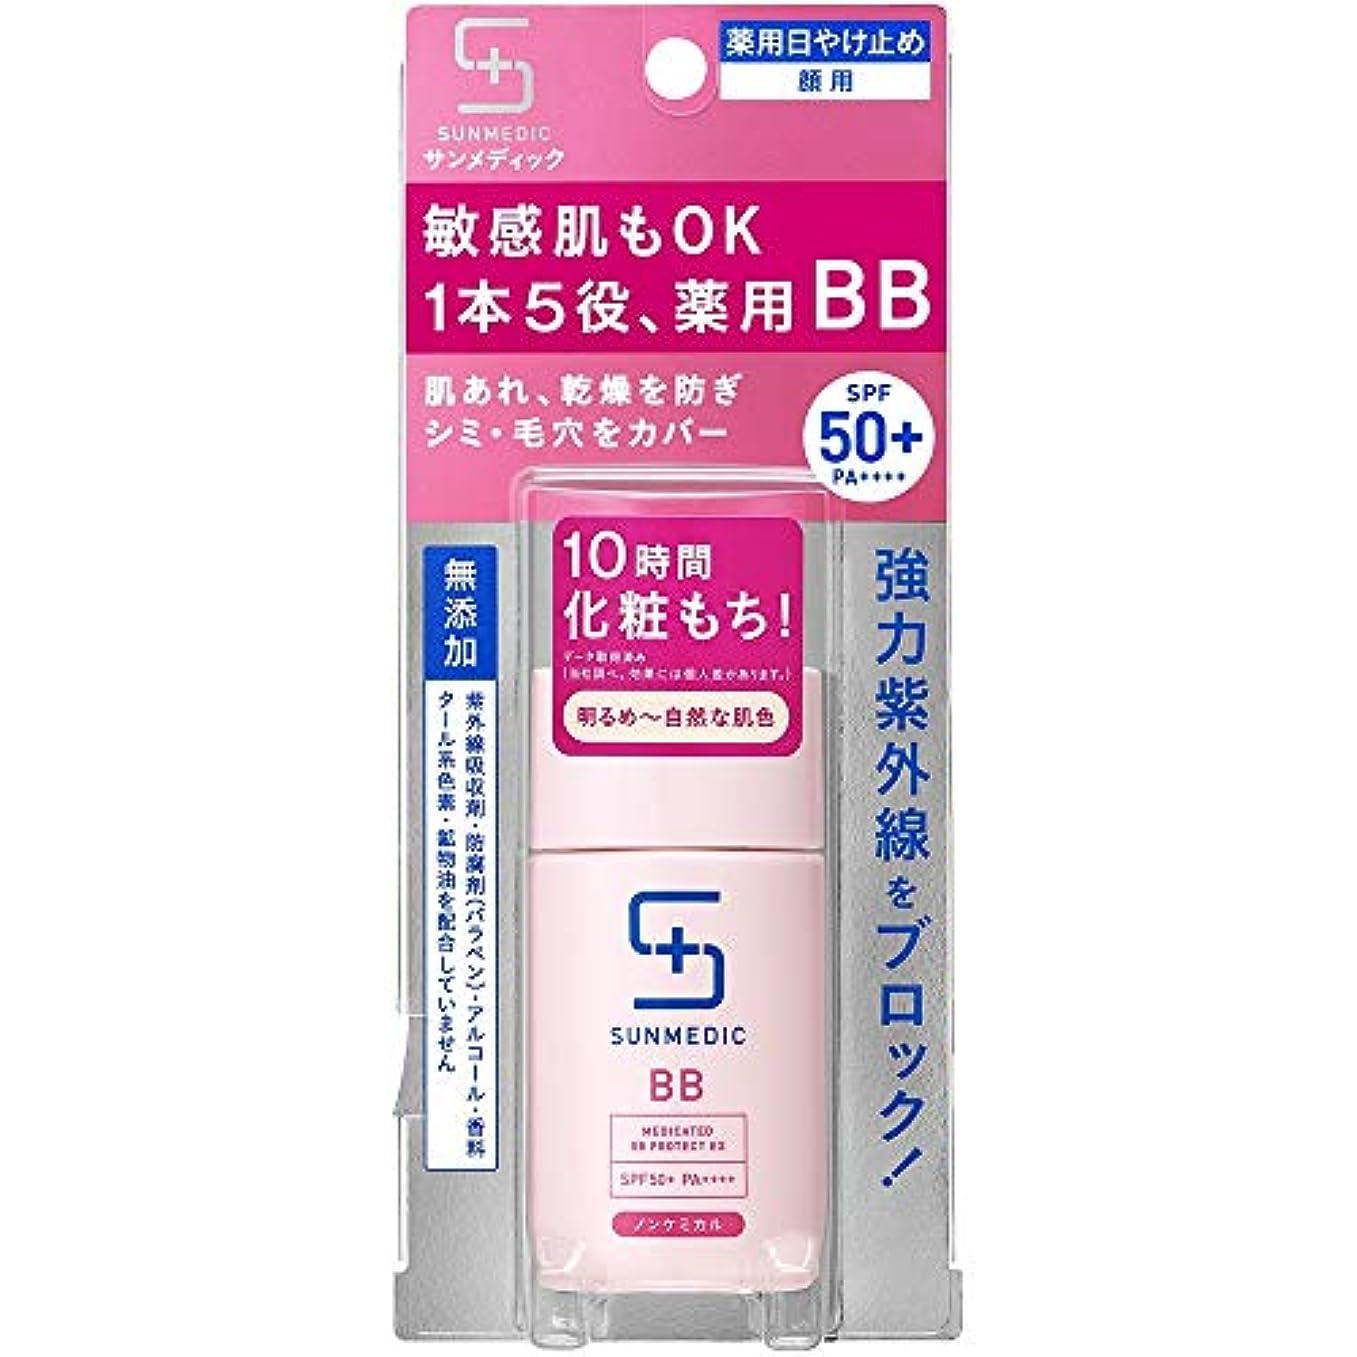 ロッド頭痛領収書サンメディックUV 薬用BBプロテクトEX ライト 30ml (医薬部外品)